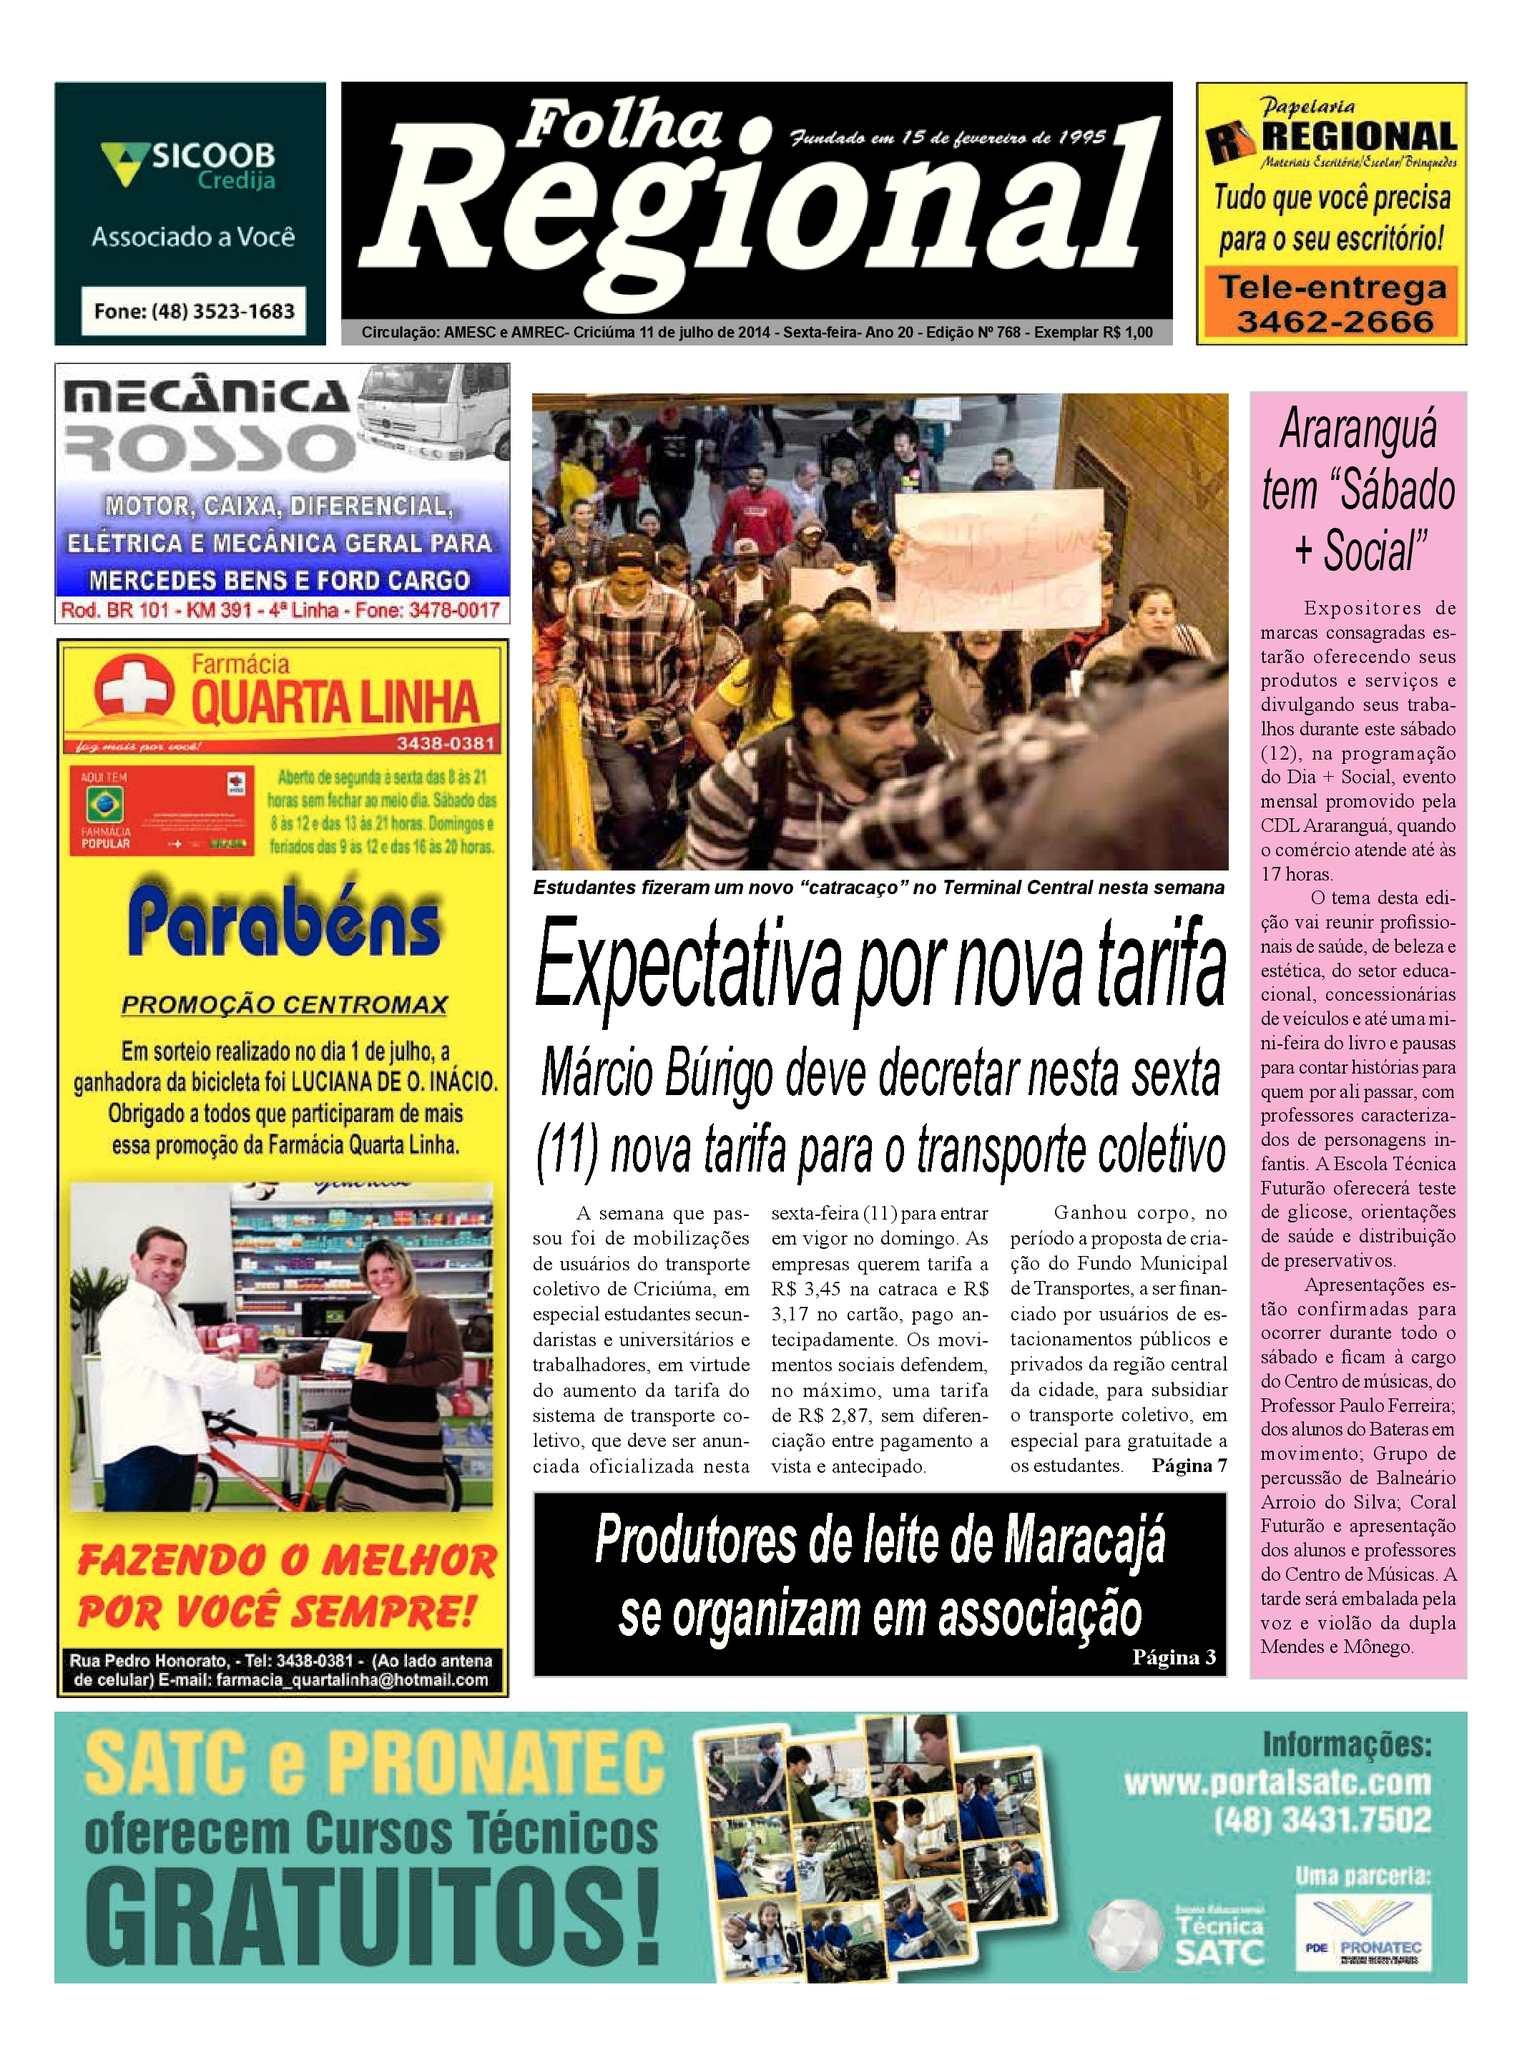 Calaméo - Folha Regional ed. 768 - 11 07 2014 2412b153e3fad